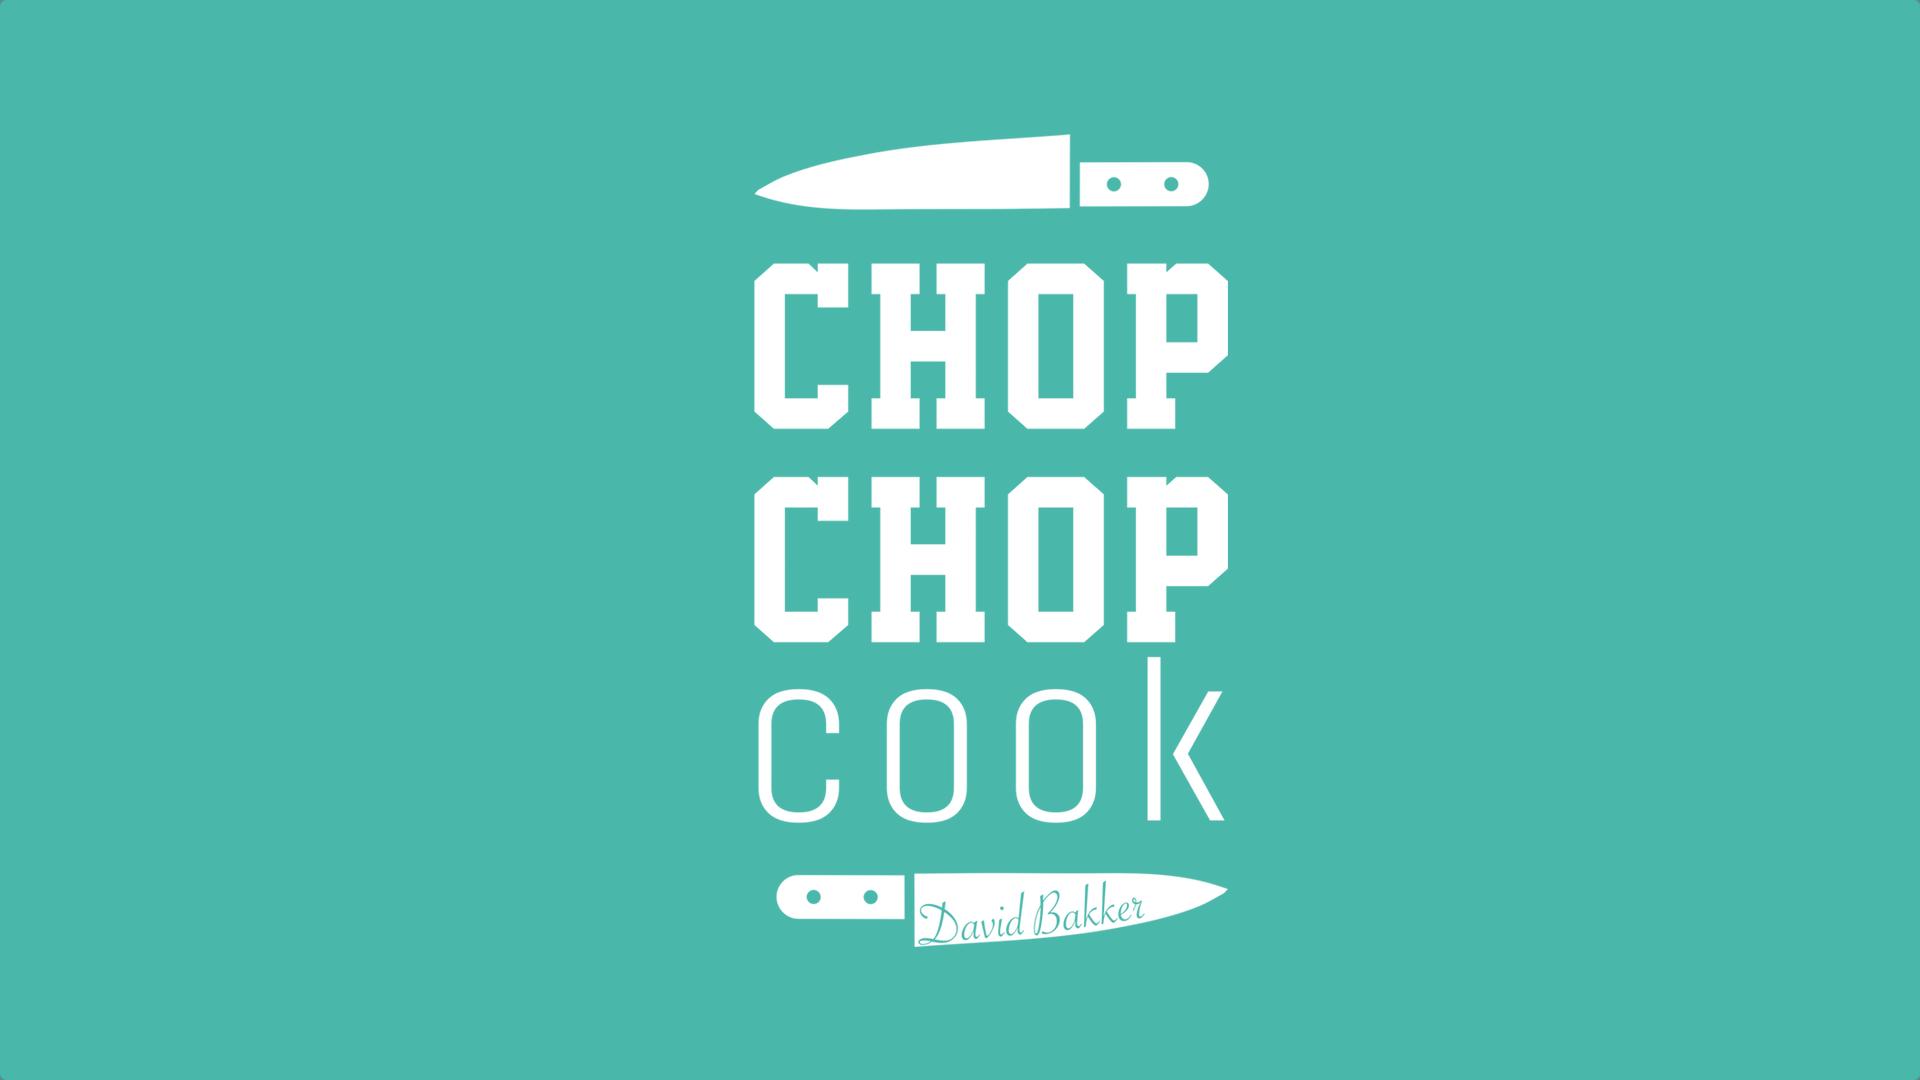 CHOP CHOP cook